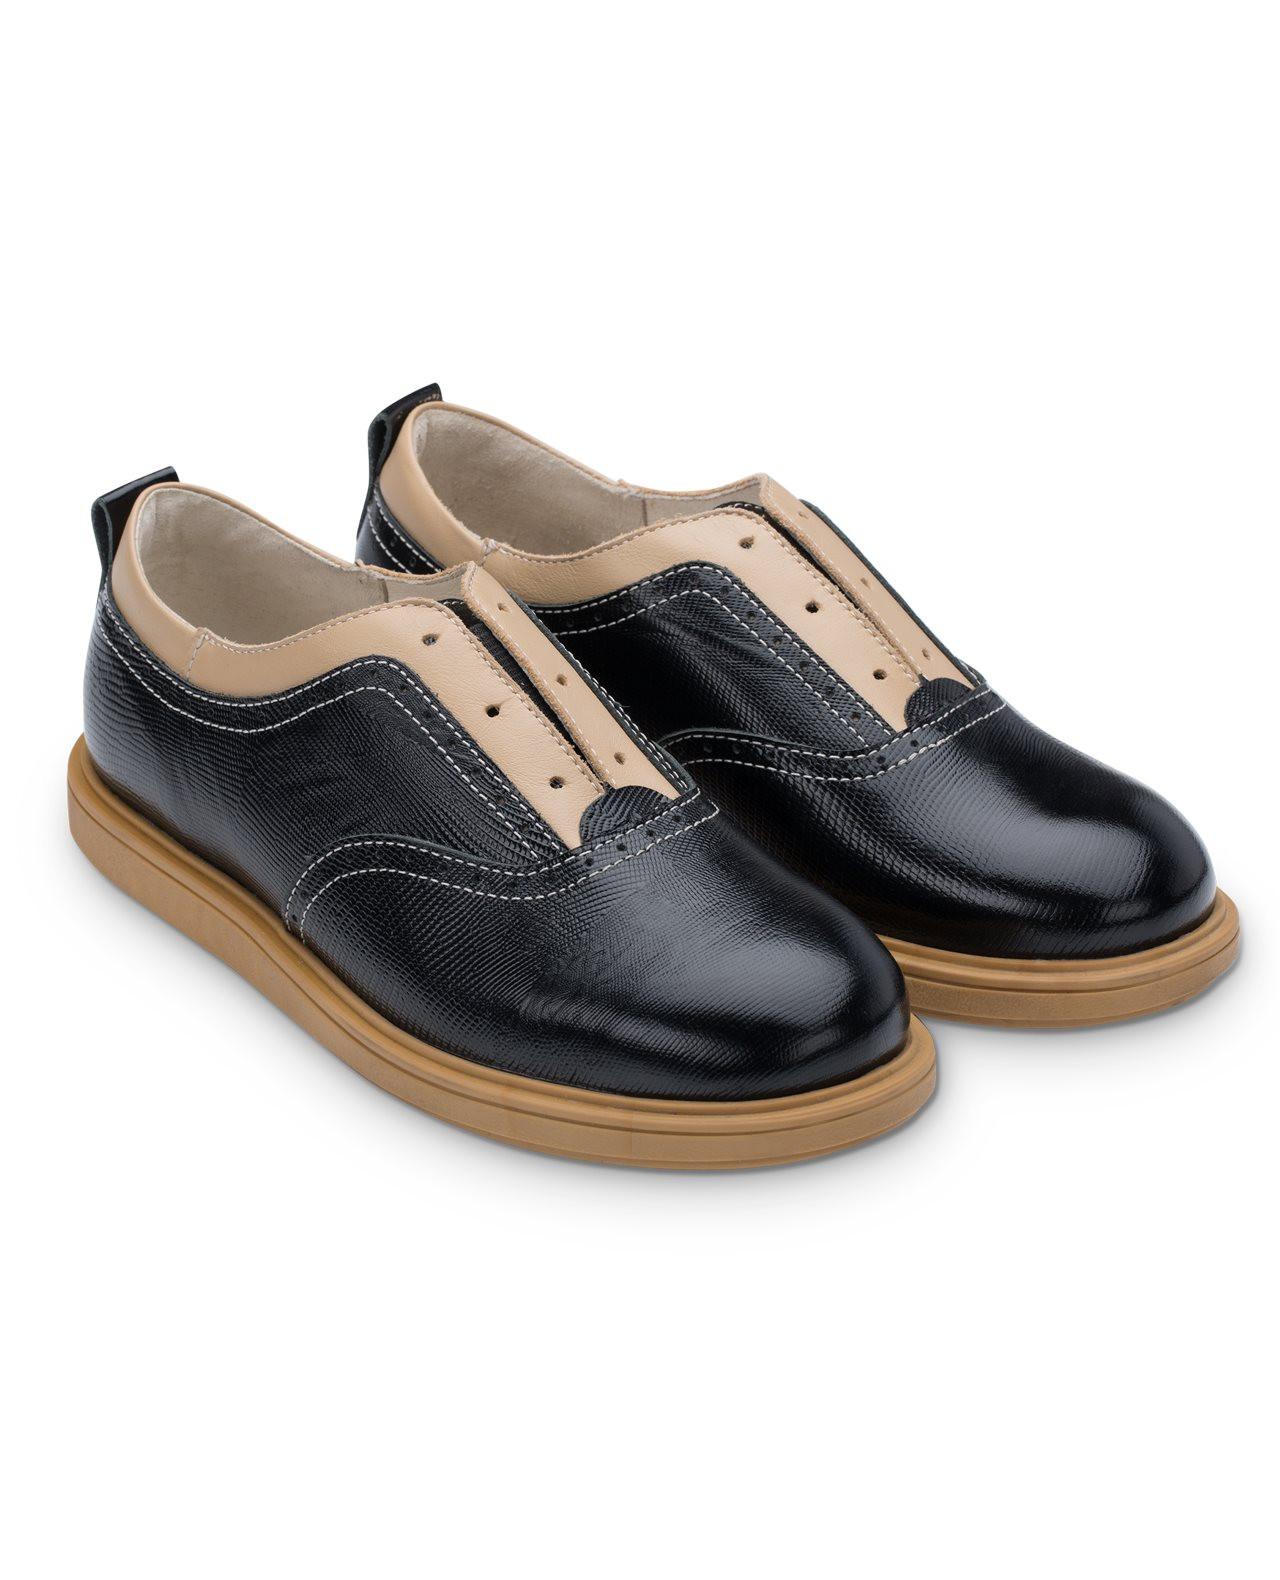 Полуботинки Детские, Tapiboo Твист (44496, 35 )Обувь для школы<br>Оригинальная модель с намеком на шнурки <br>которые забыли вставить. Многослойная, <br>анатомическая стелька со сводоподдерживающим <br>элементом для правильного формирования <br>стопы. Благодаря использованию современных <br>внутренних материалов позволяет оптимально <br>распределить нагрузку по всей площади стопы <br>и свести к минимуму ее ударную составляющую. <br>Жесткий фиксирующий задник надежно стабилизирует <br>голеностопный сустав во время ходьбы. Упругая, <br>умеренно-эластичная подошва, имеющая перекат <br>позволяющий повторить естественное движение <br>стопы при ходьбе для правильного распределения <br>нагрузки на опорно-двигательный аппарат <br>ребенка. Подкладка из натуральной кожи <br>обладает мягкостью и природной способностью <br>пропускать воздух для создания оптимального <br>температурного режима (нога не потеет).<br>Размер INT: M; Цвет: Красный; Ширина: 100; Высота: 200; Вес: 1000;